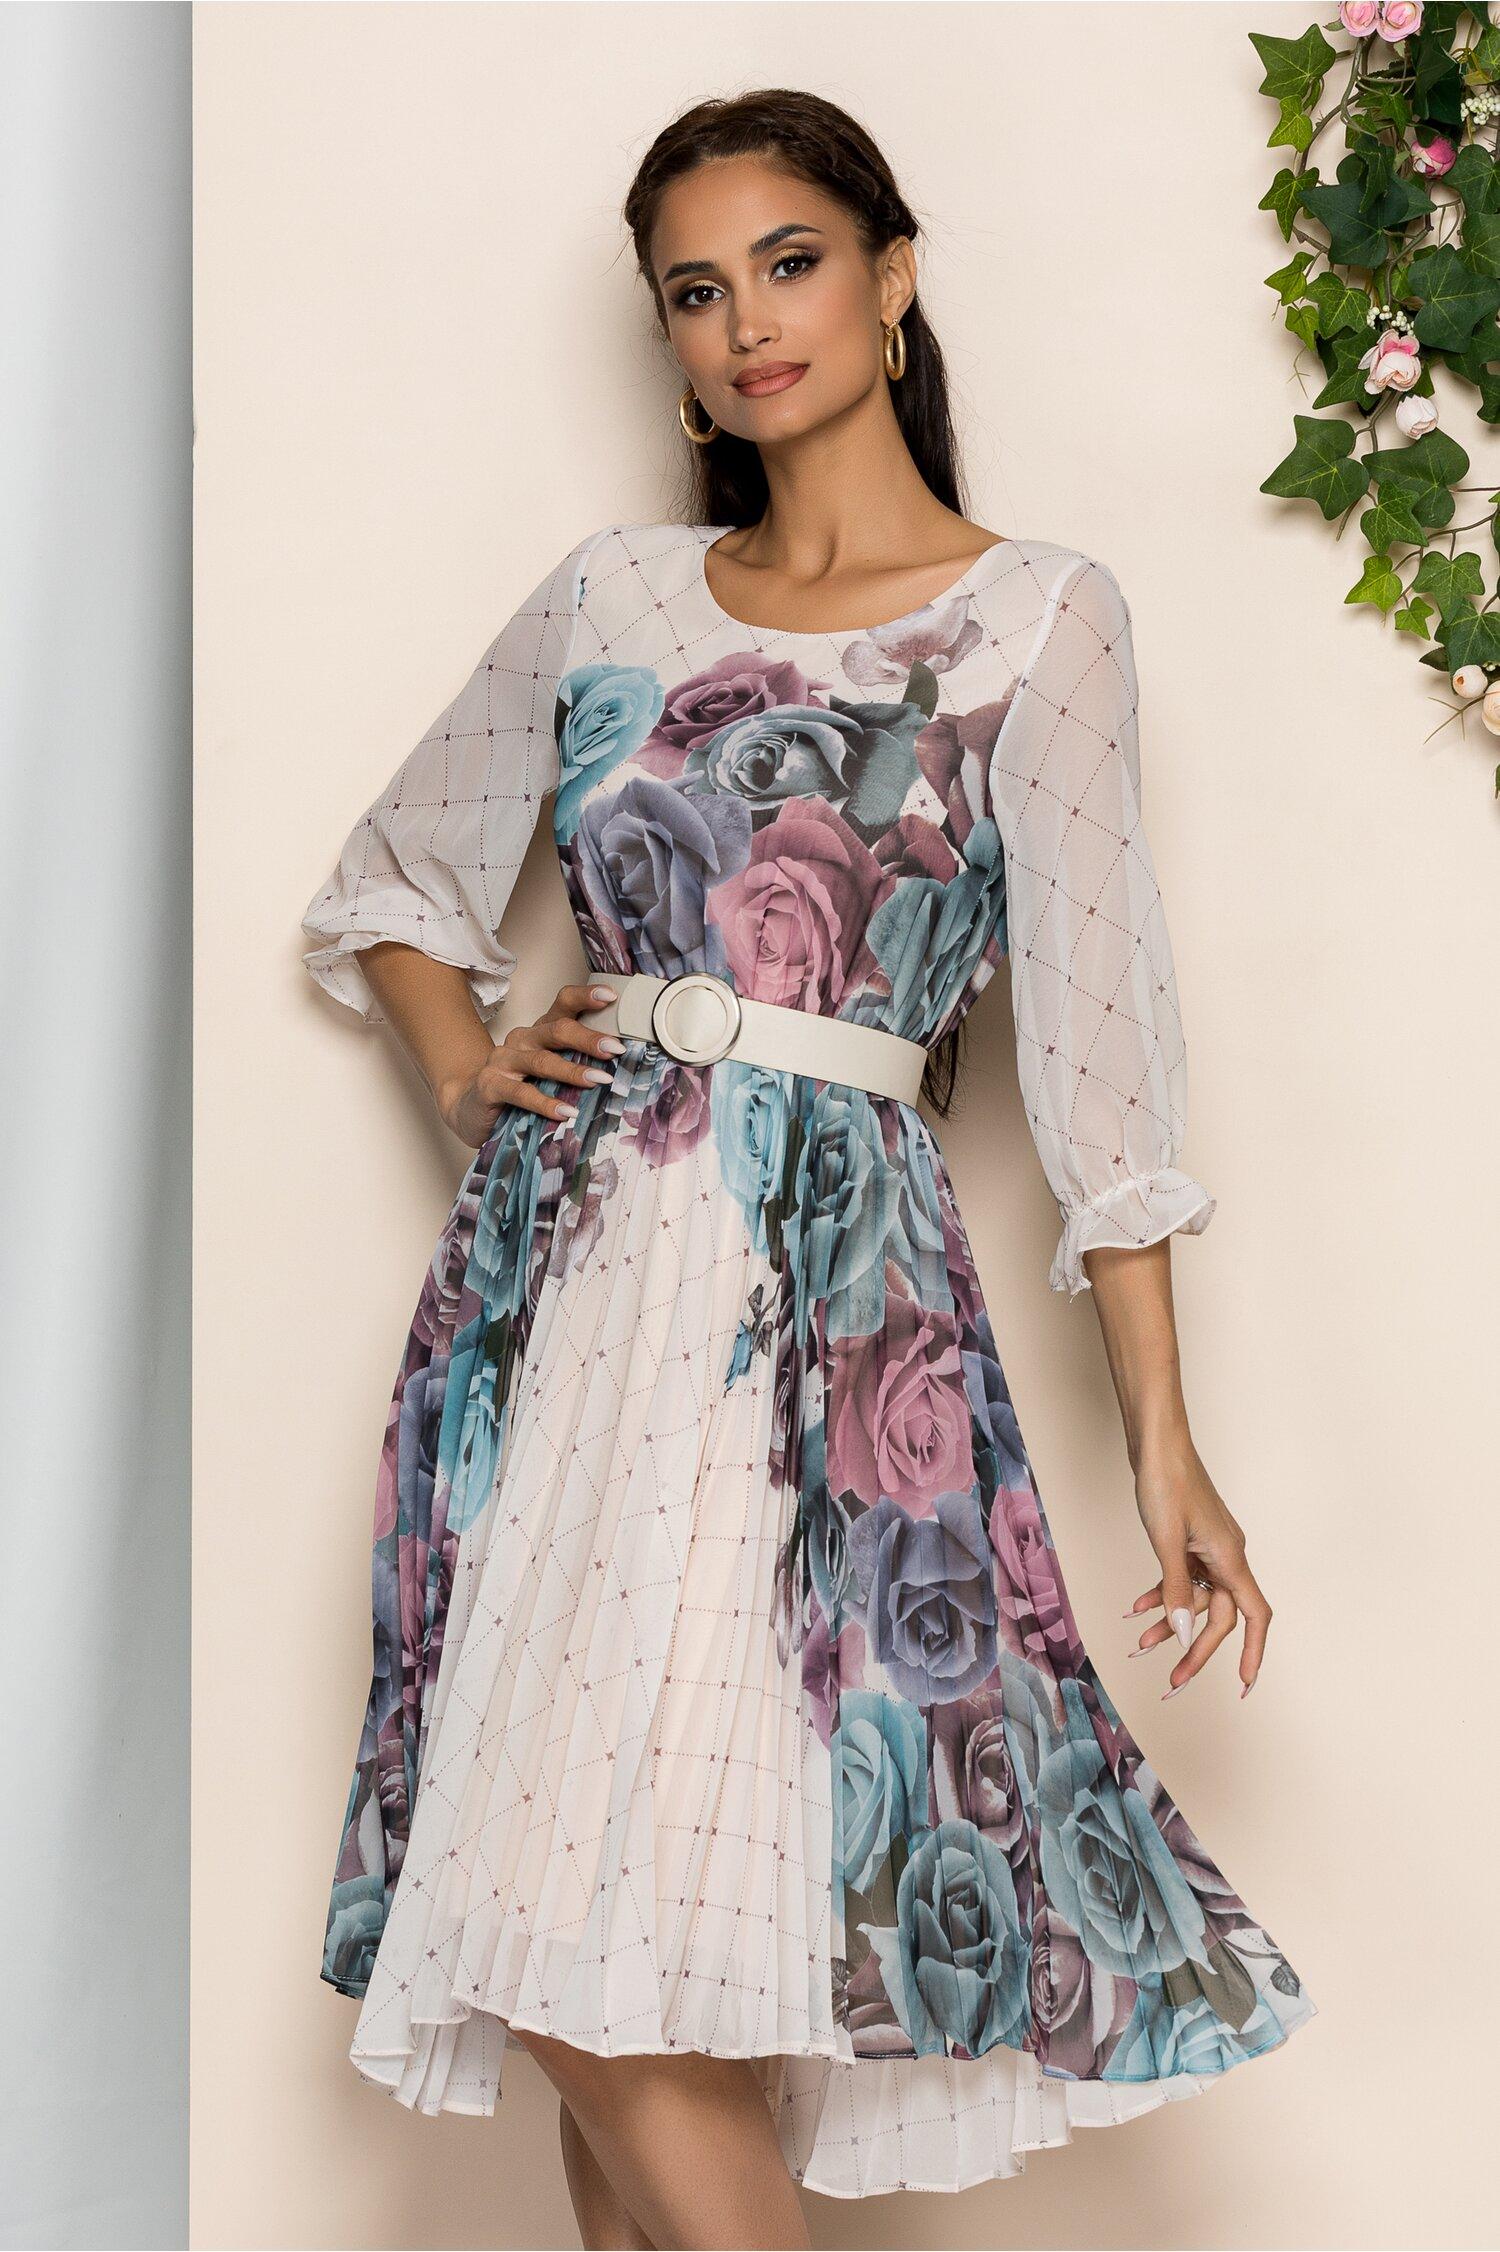 Rochie Diana bej cu pliuri pe fusta si imprimeu floral albastru marin